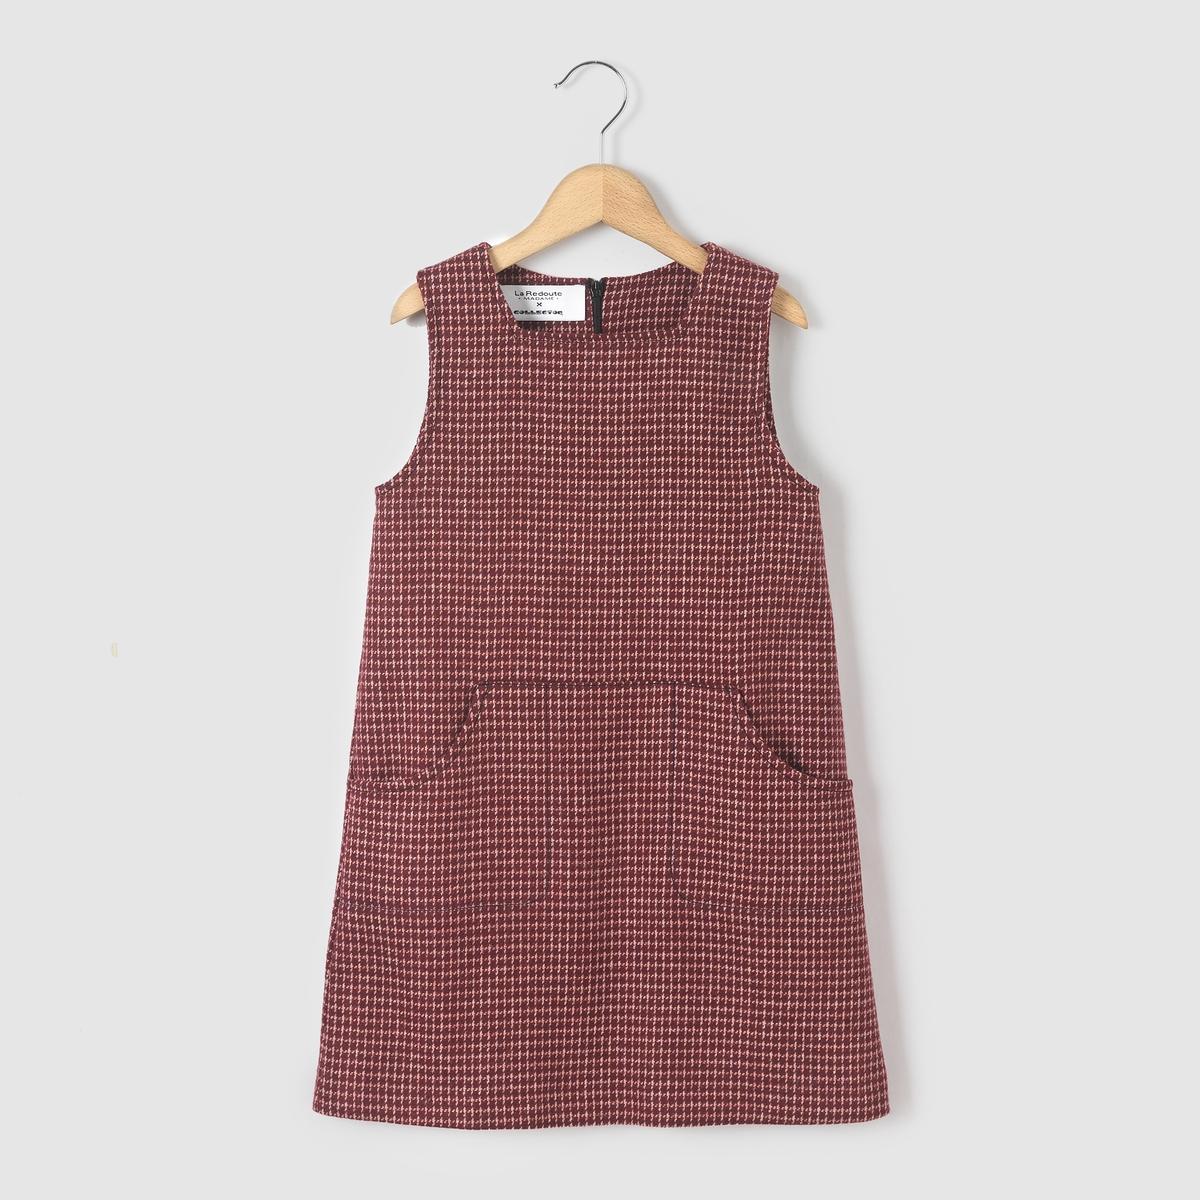 Платье из твида без рукавов, 3-12 лет